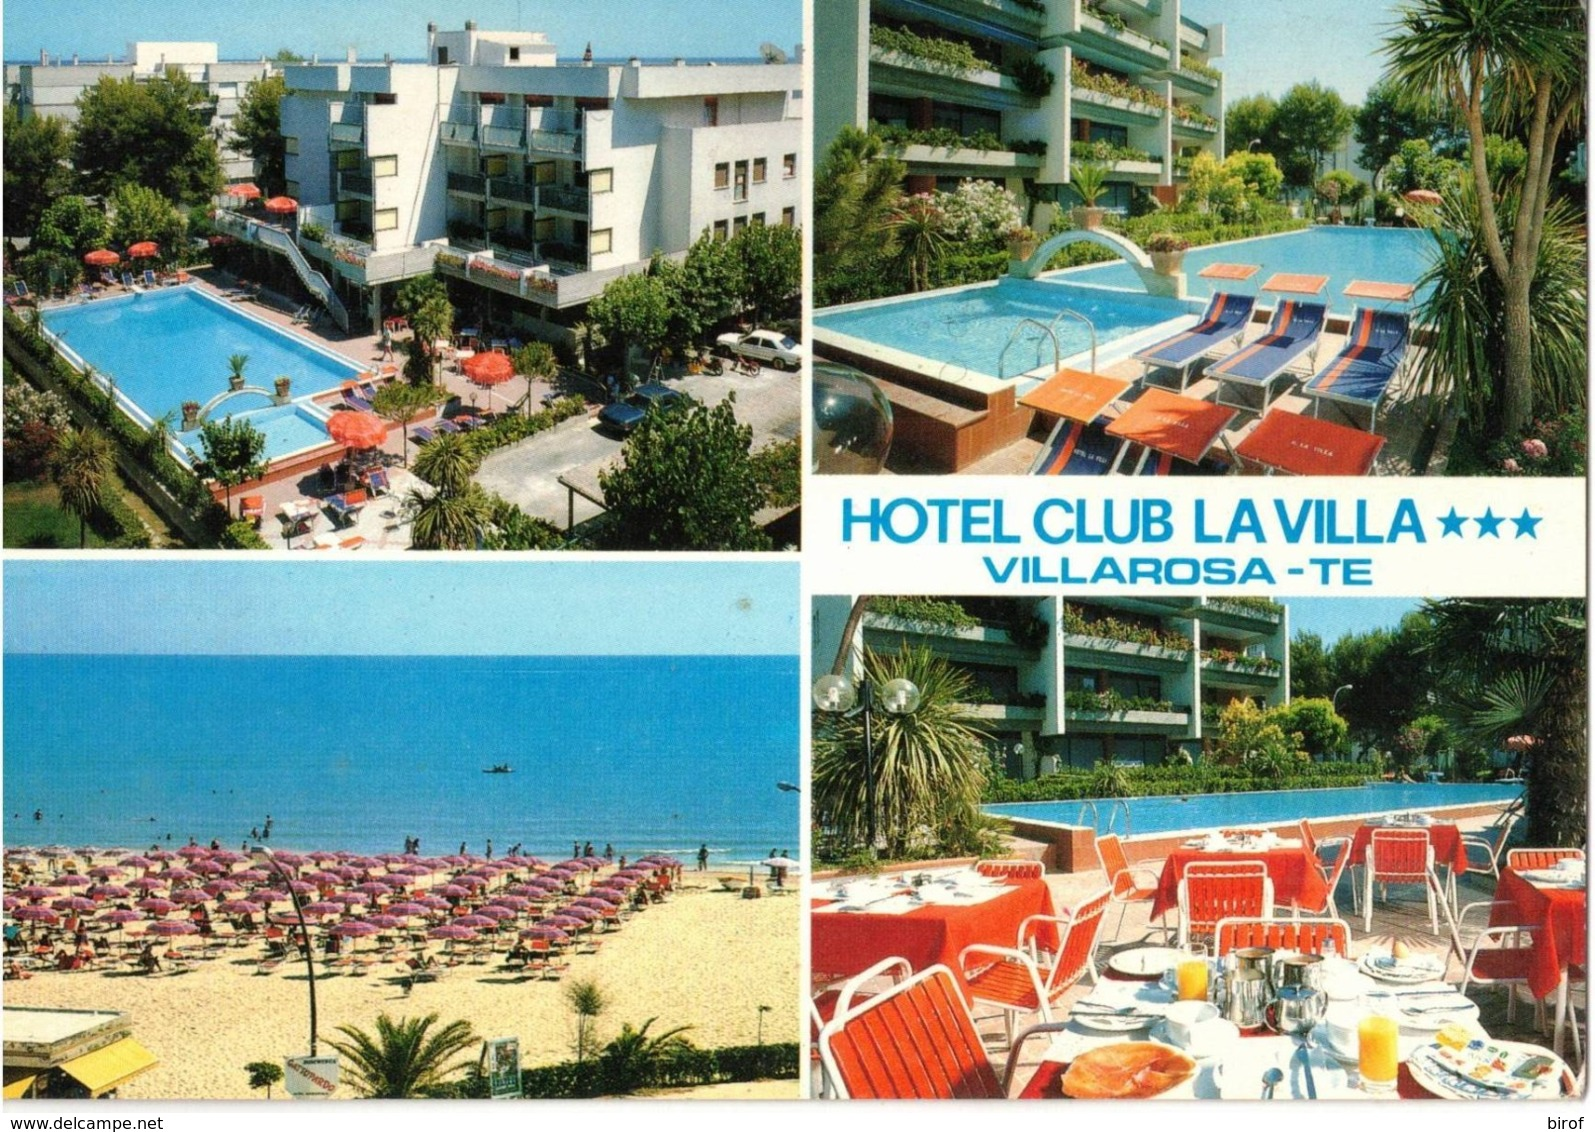 HOTEL CLUB LA VILLA - VILLAROSA DI MARTINSCURO (TE) - Teramo